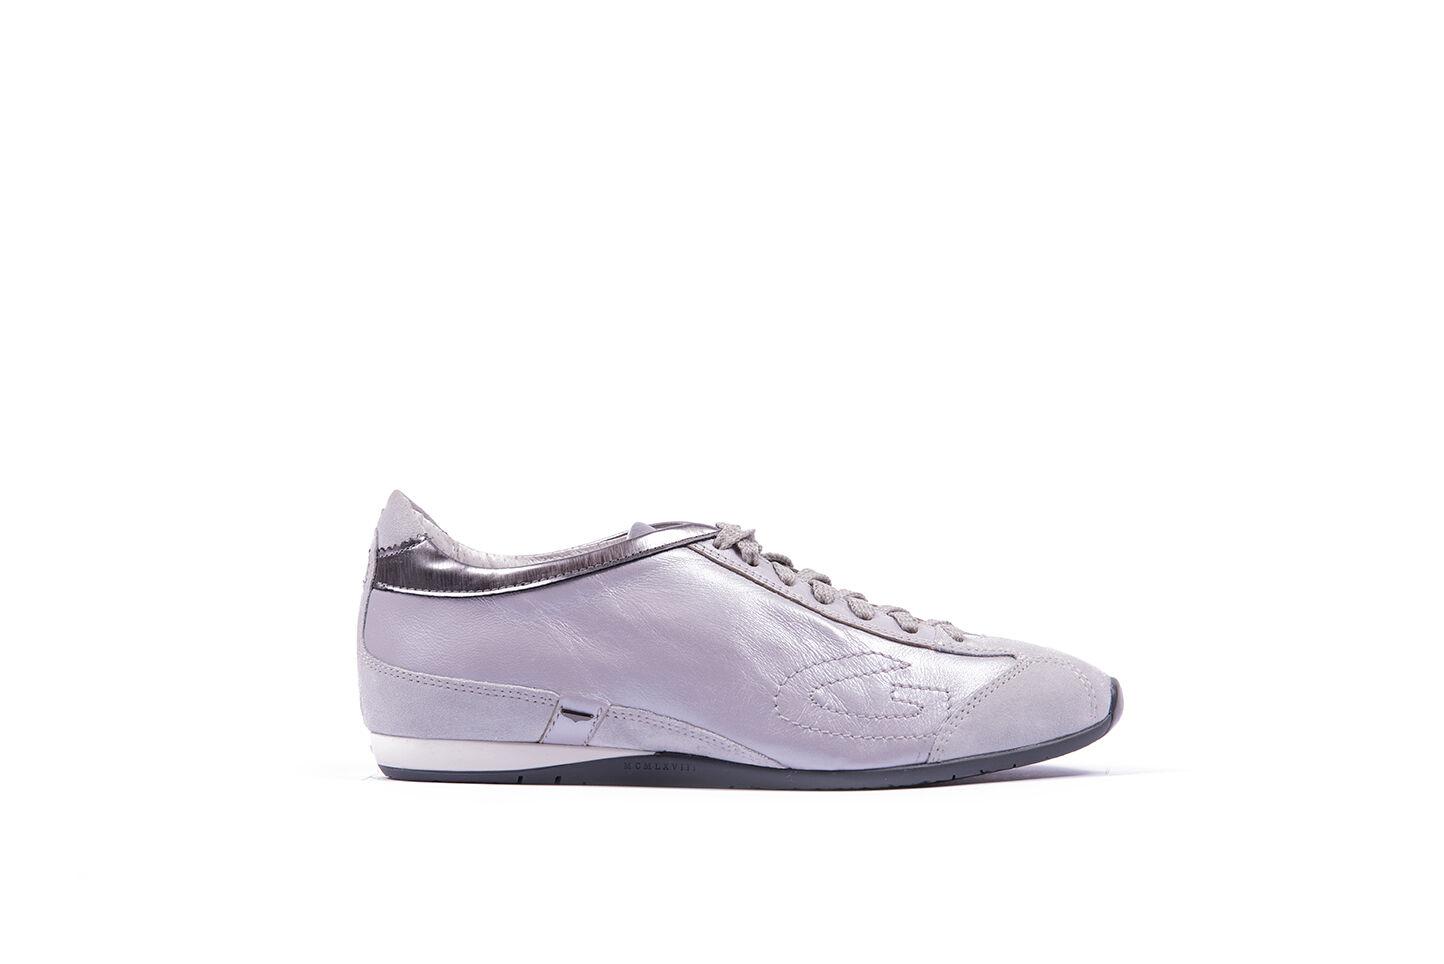 Los últimos zapatos de descuento hombres para hombres descuento y mujeres Alberto Guardiani  Marshall ghiaccio  (17AGD) afd52a